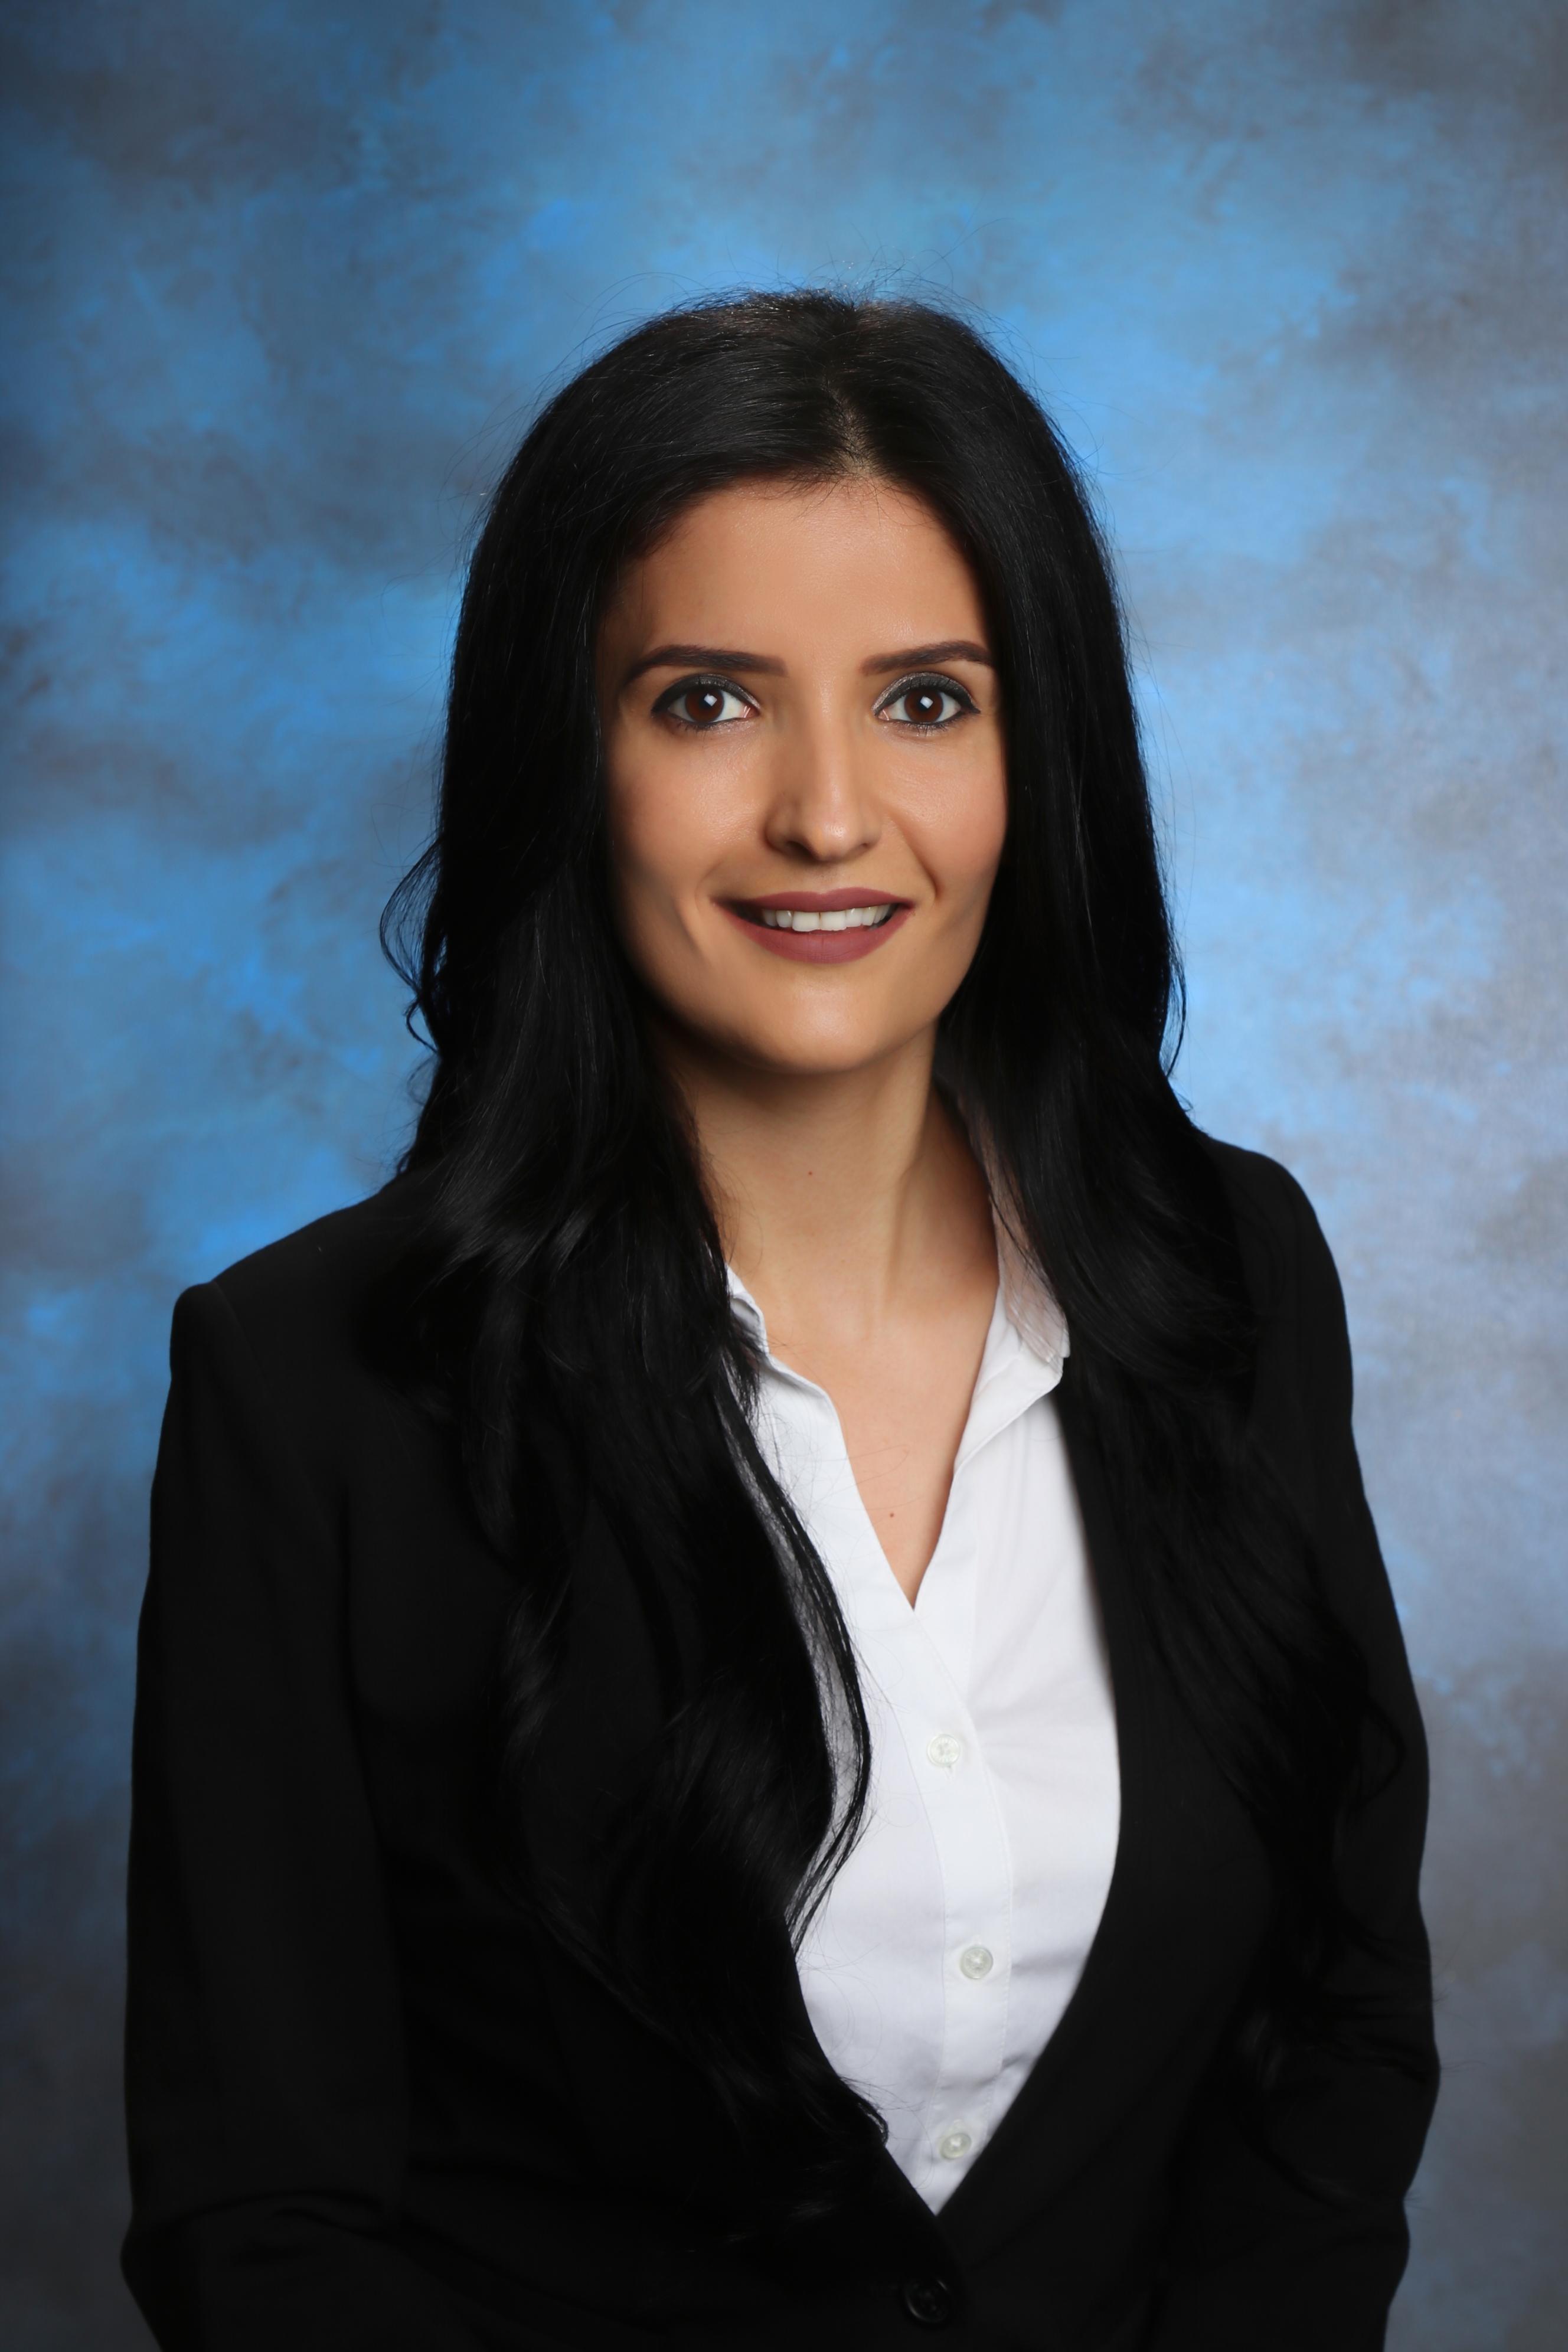 Sahar Maknouni